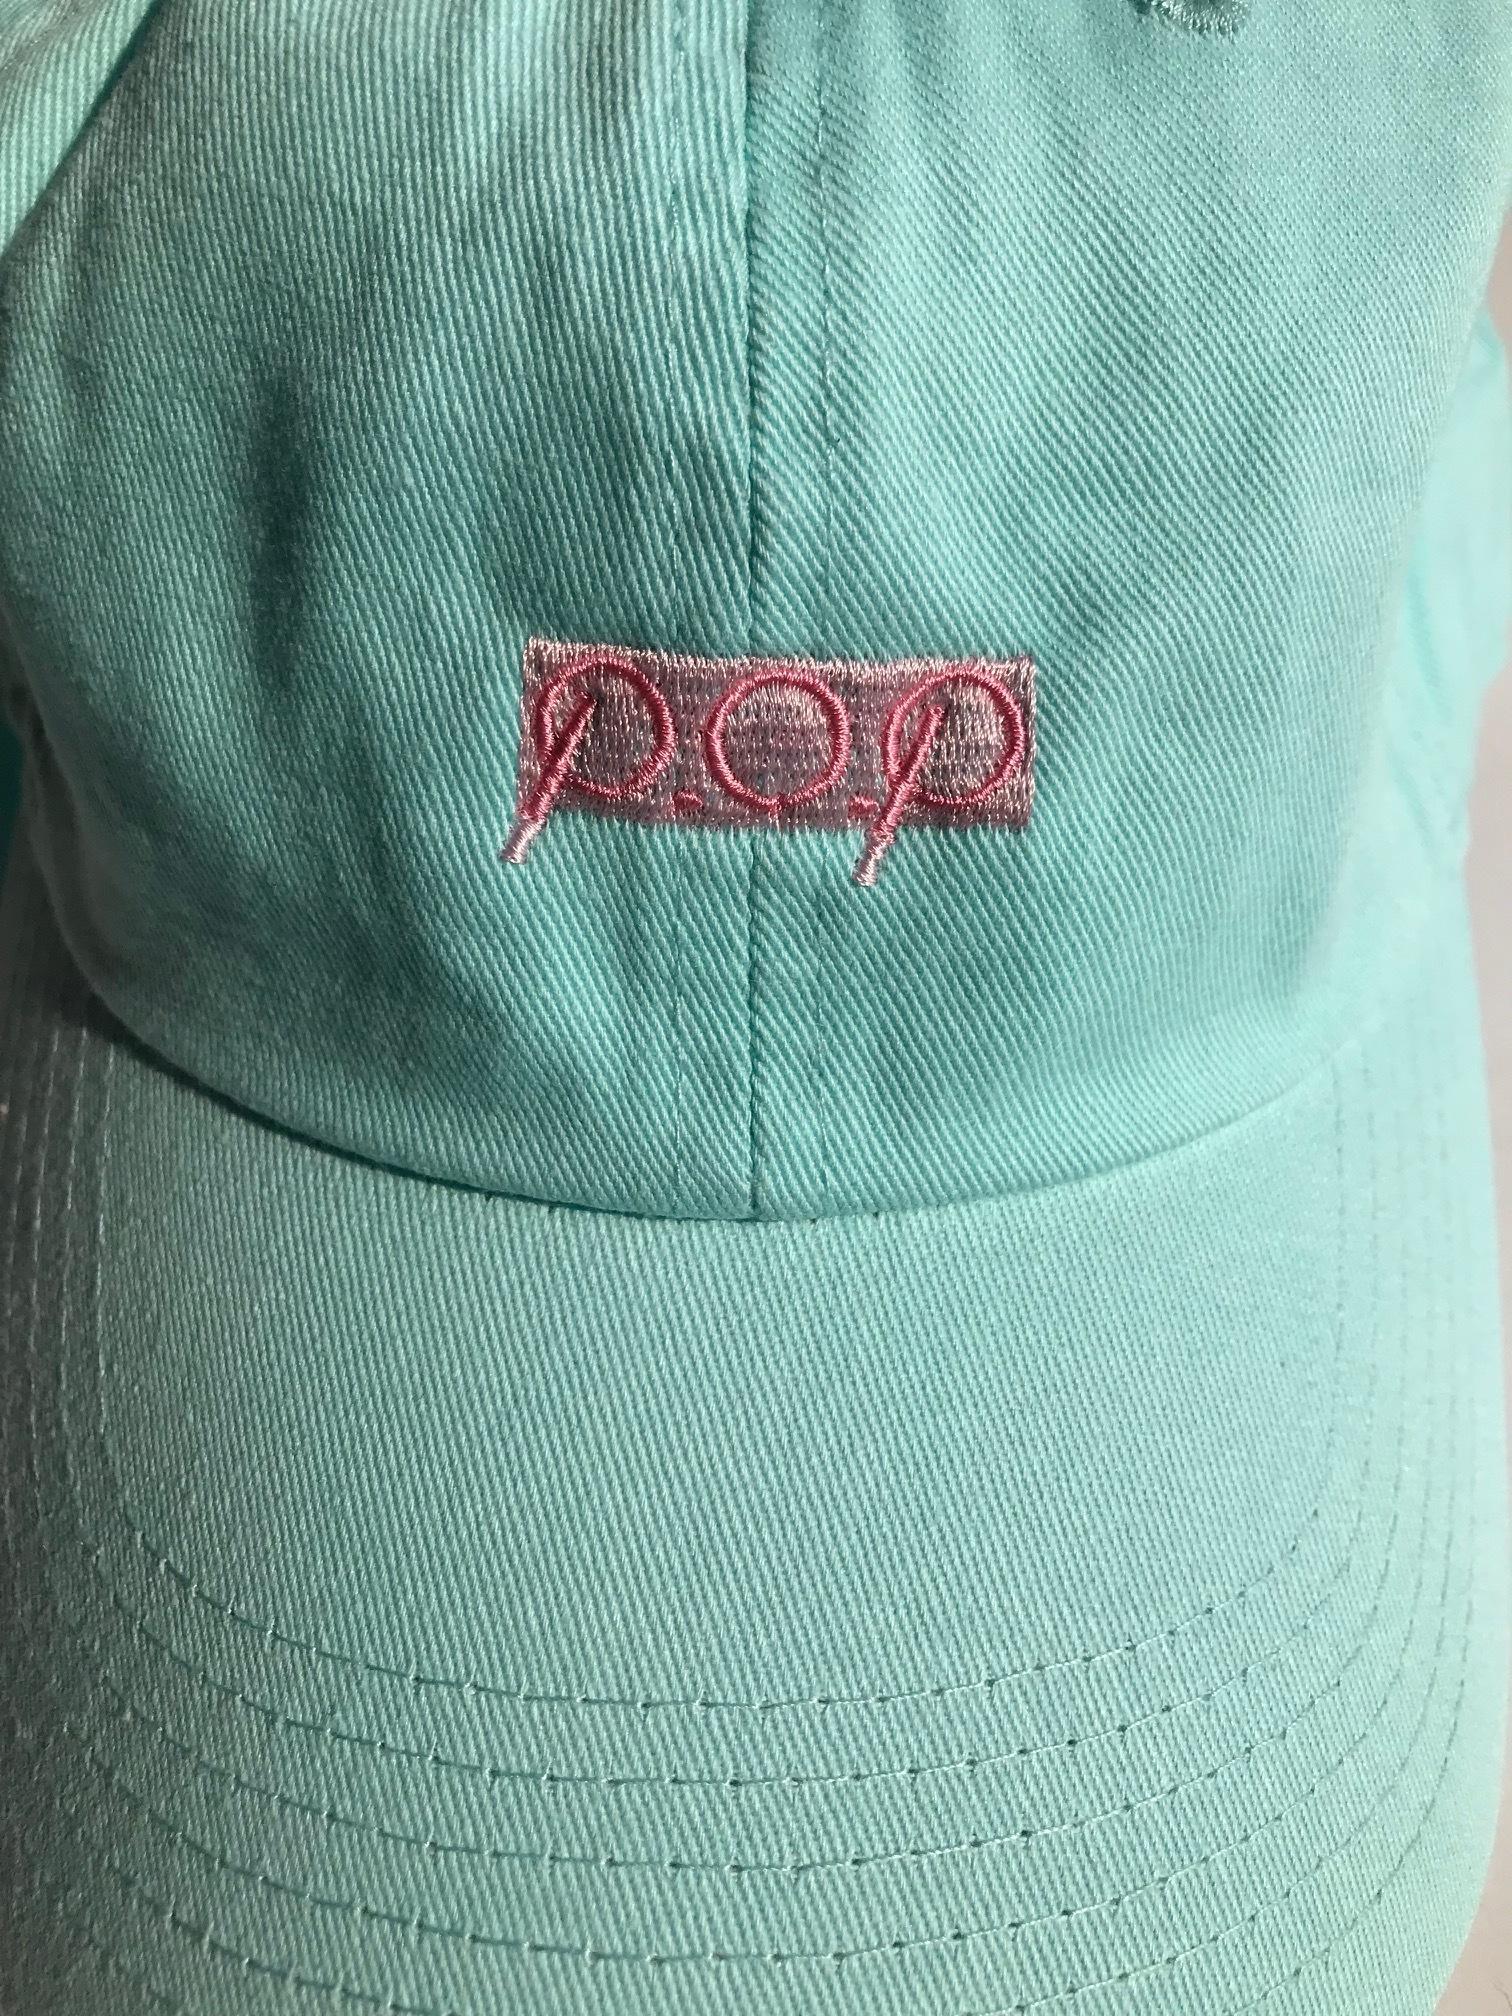 P.O.P CAP 2018 SUMMER - 画像2